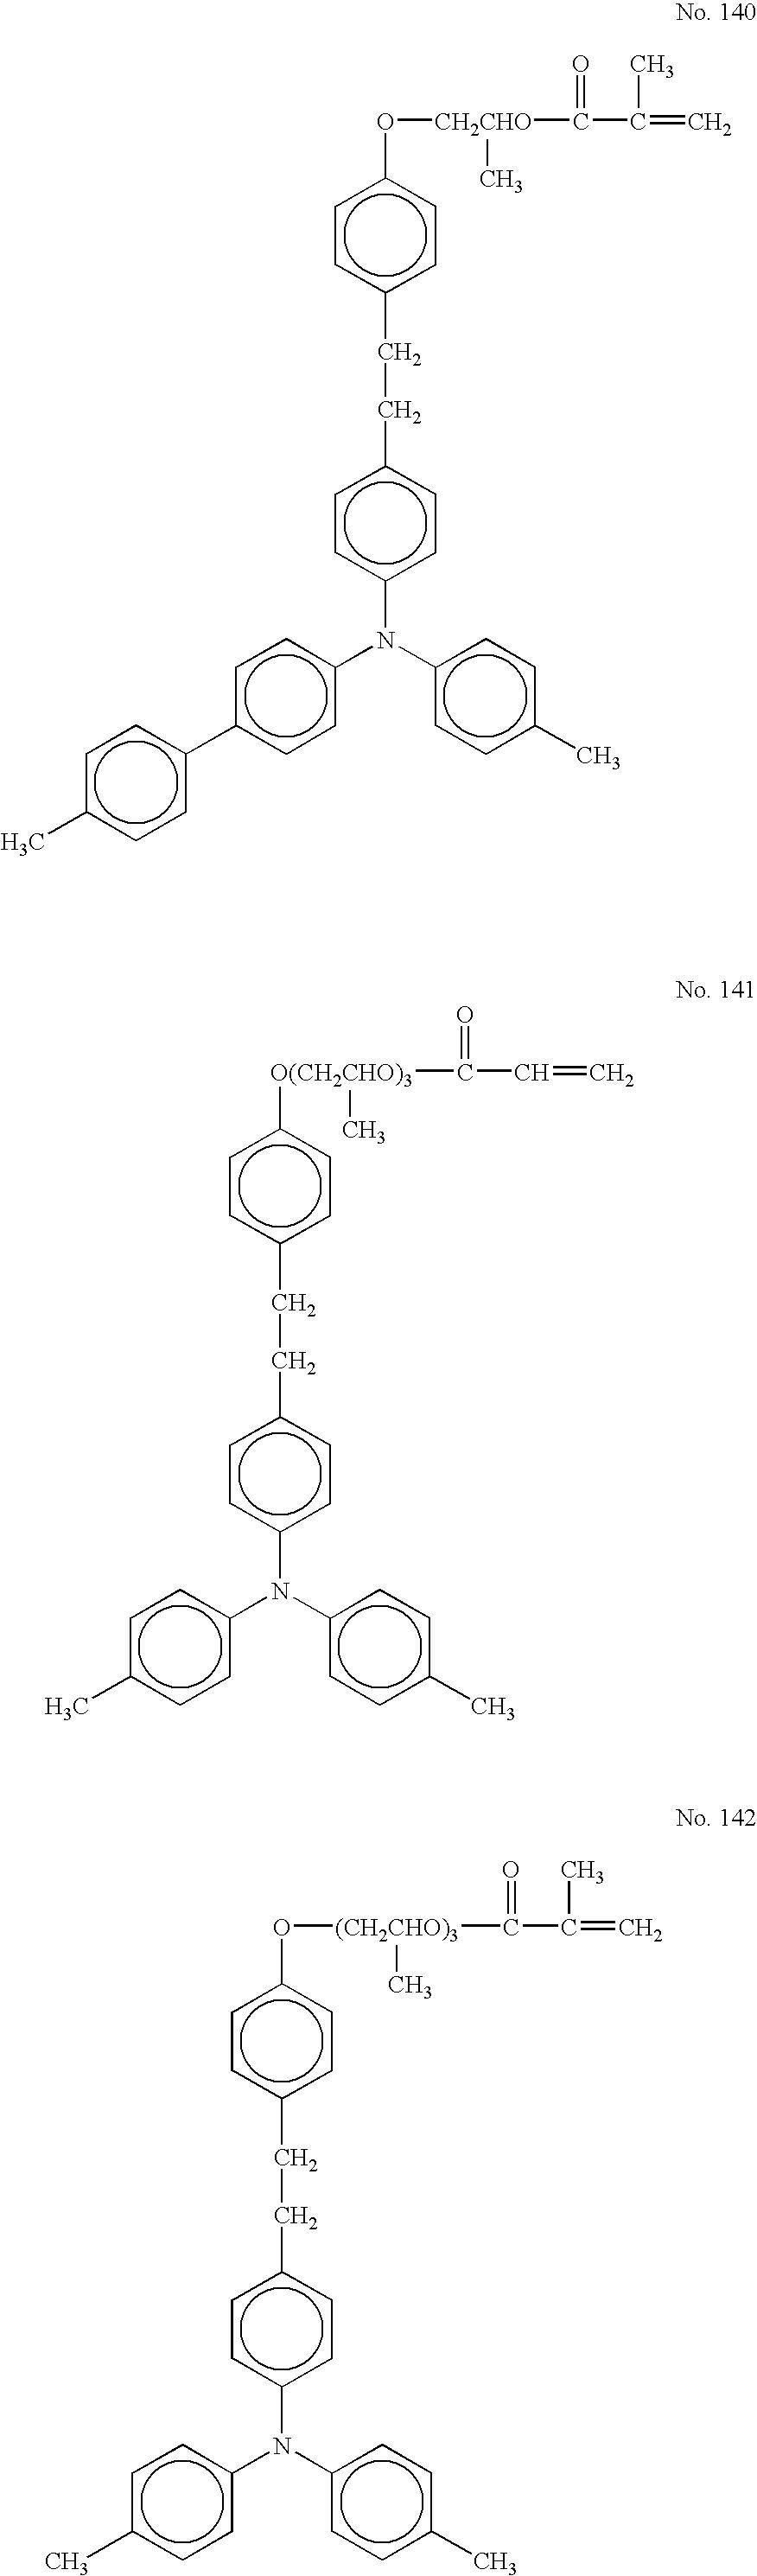 Figure US20040253527A1-20041216-C00061